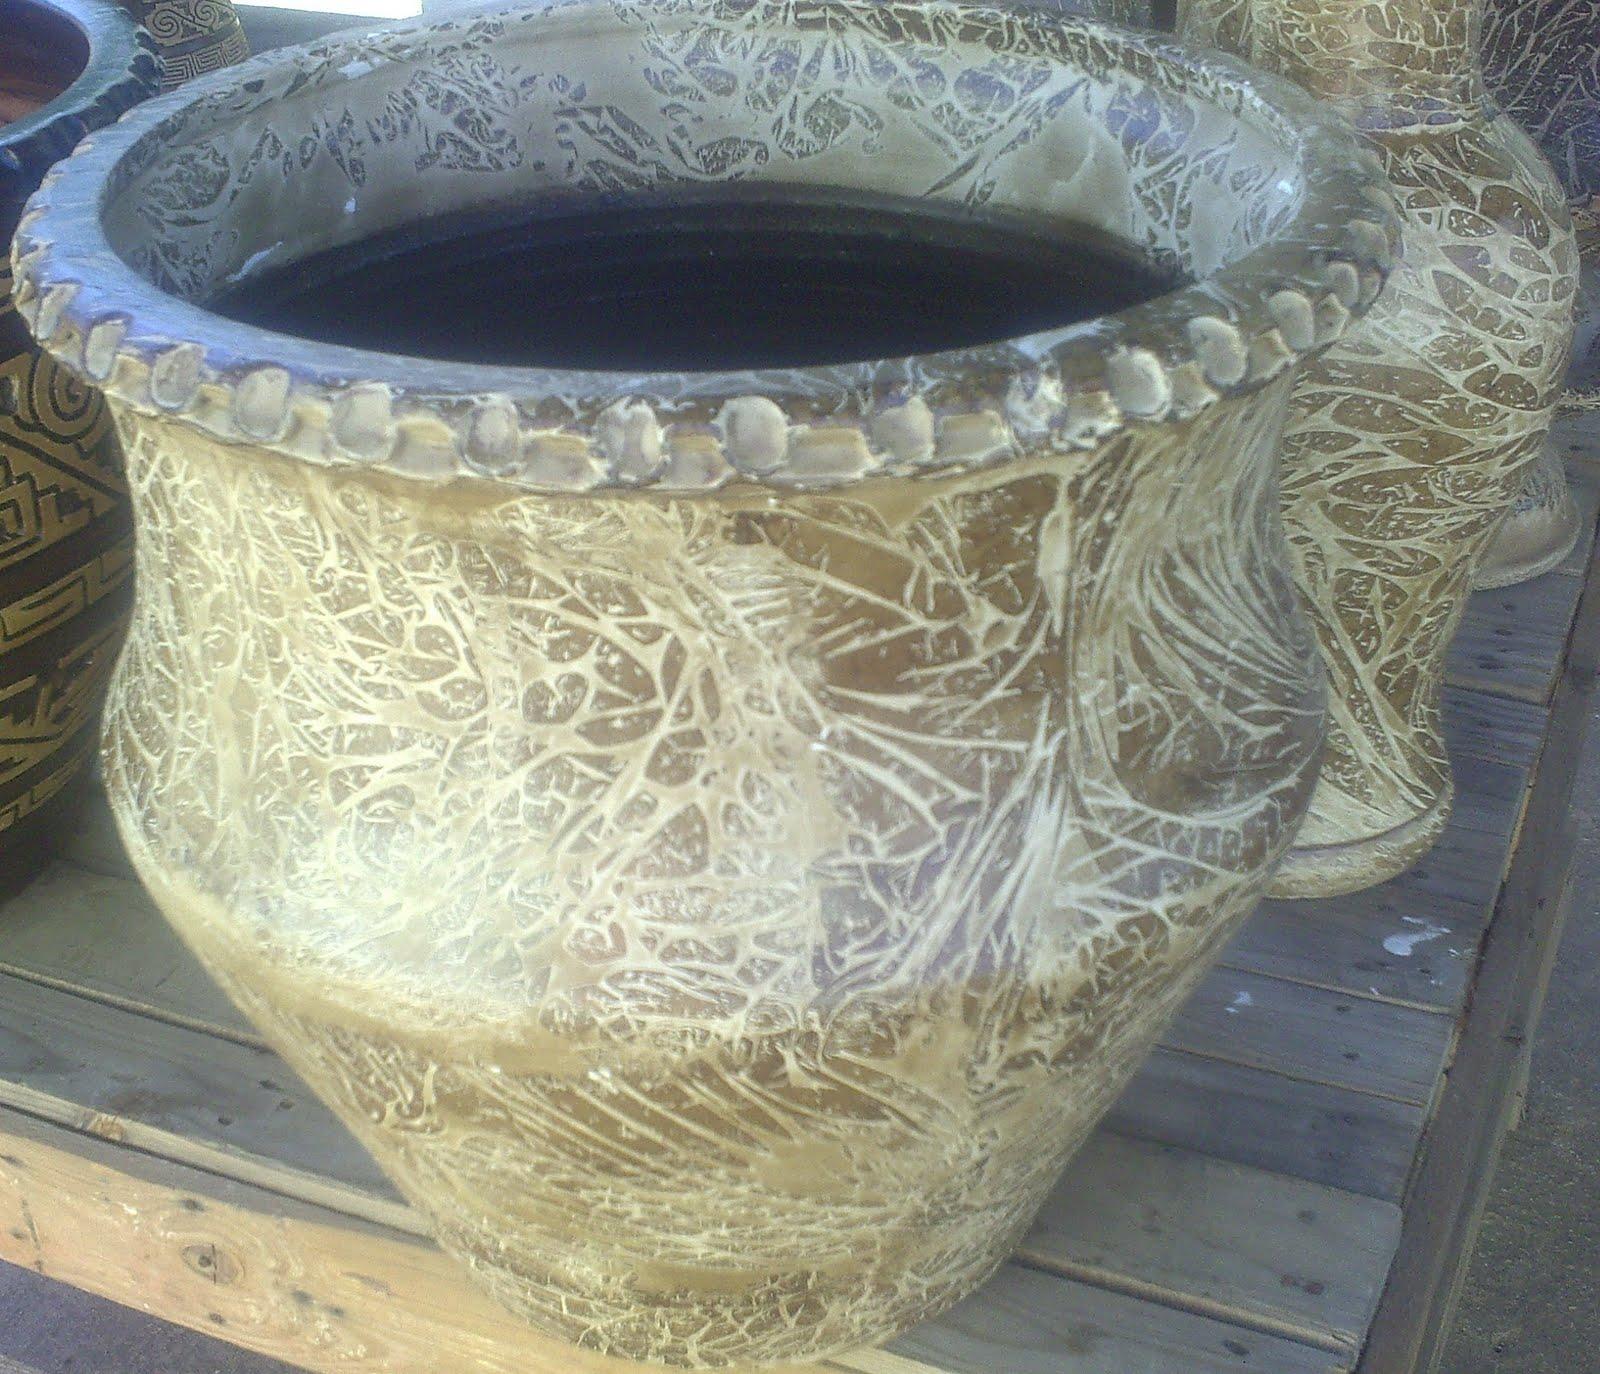 manaca de jardim em vaso : manaca de jardim em vaso:Para pedidos, ou solicitar uma visita entre em contato com: